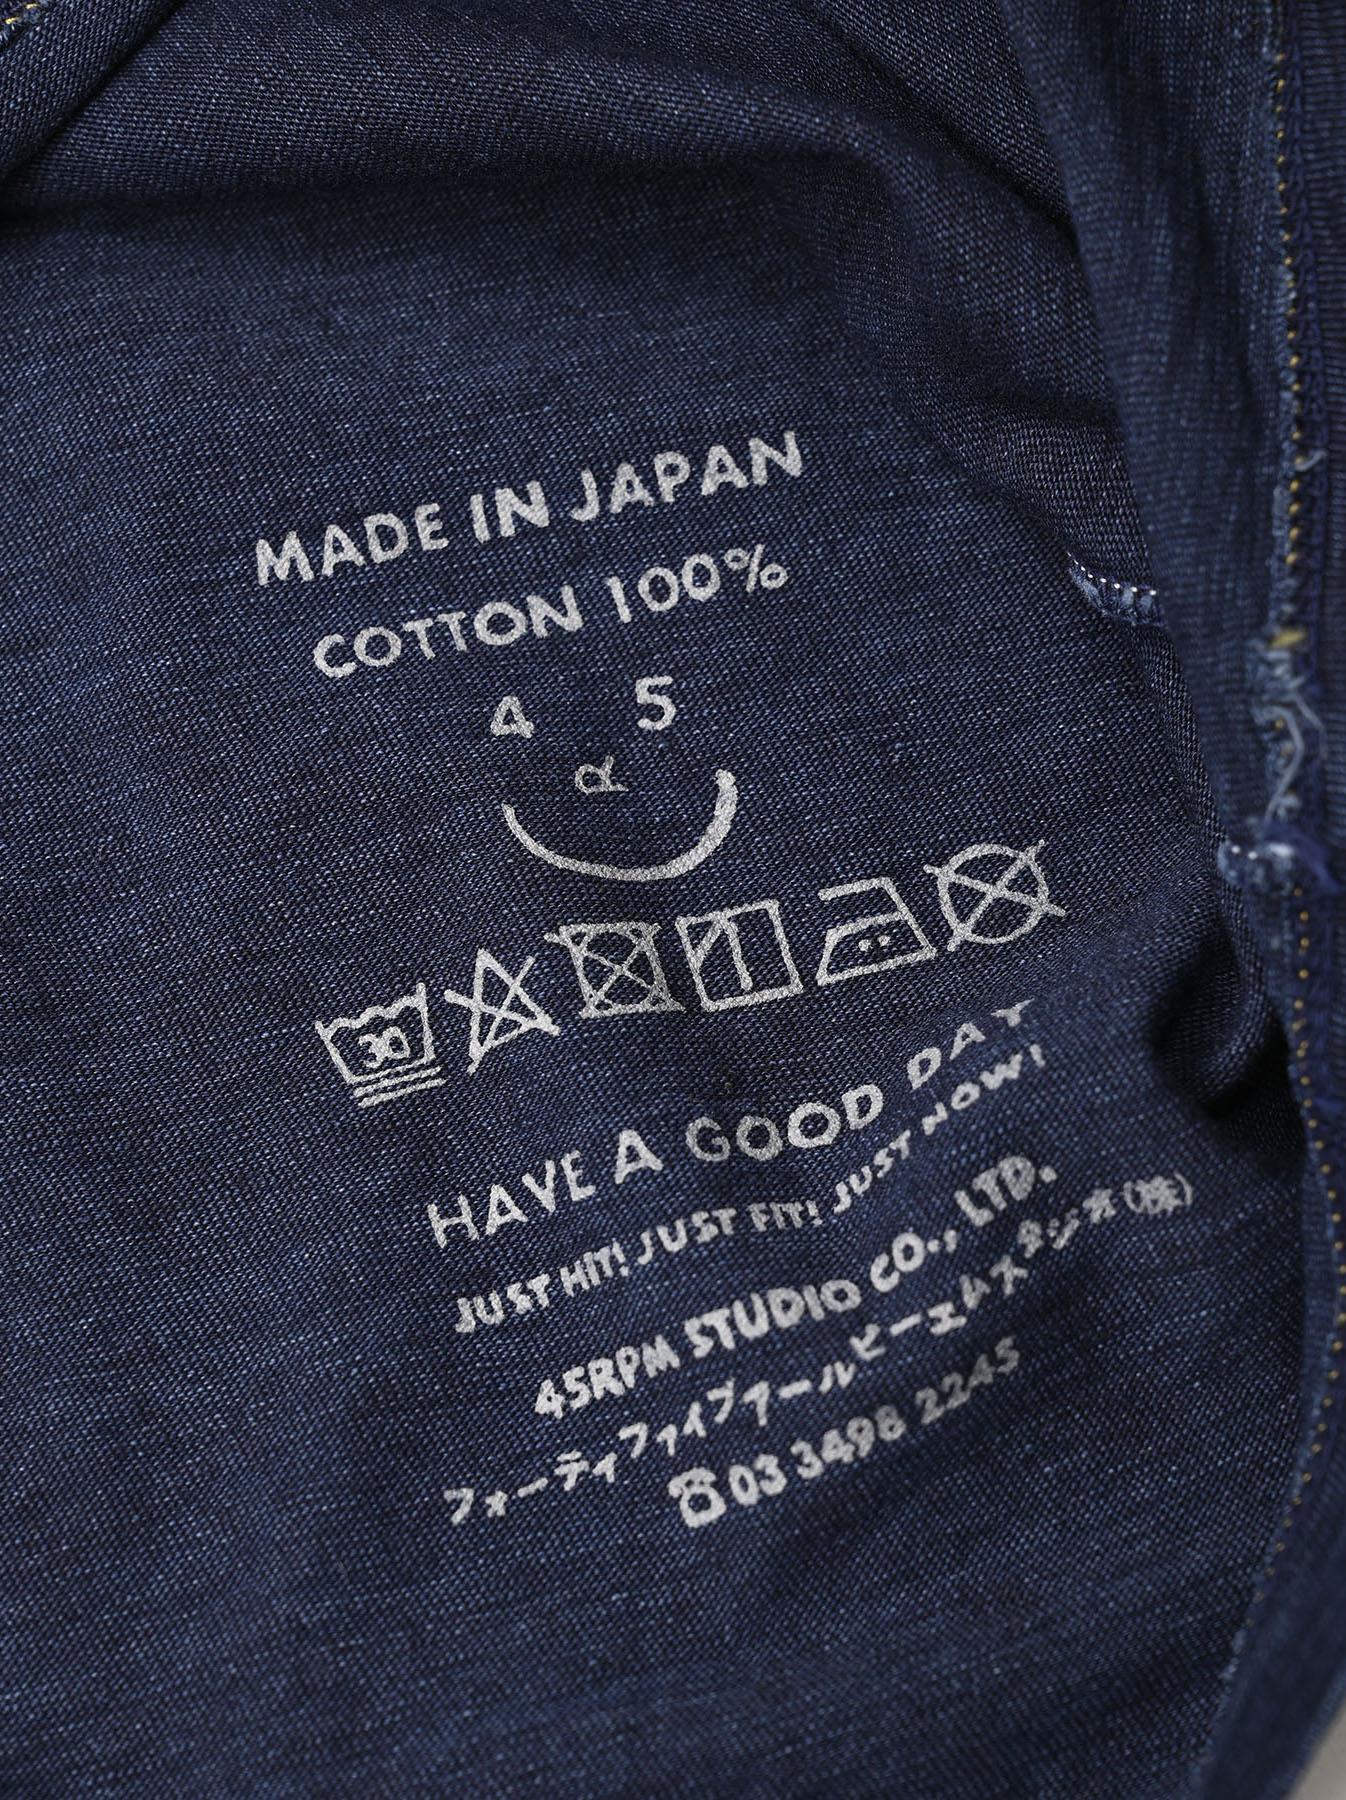 Indigo Zimbabwe Cotton Square T-shirt-12